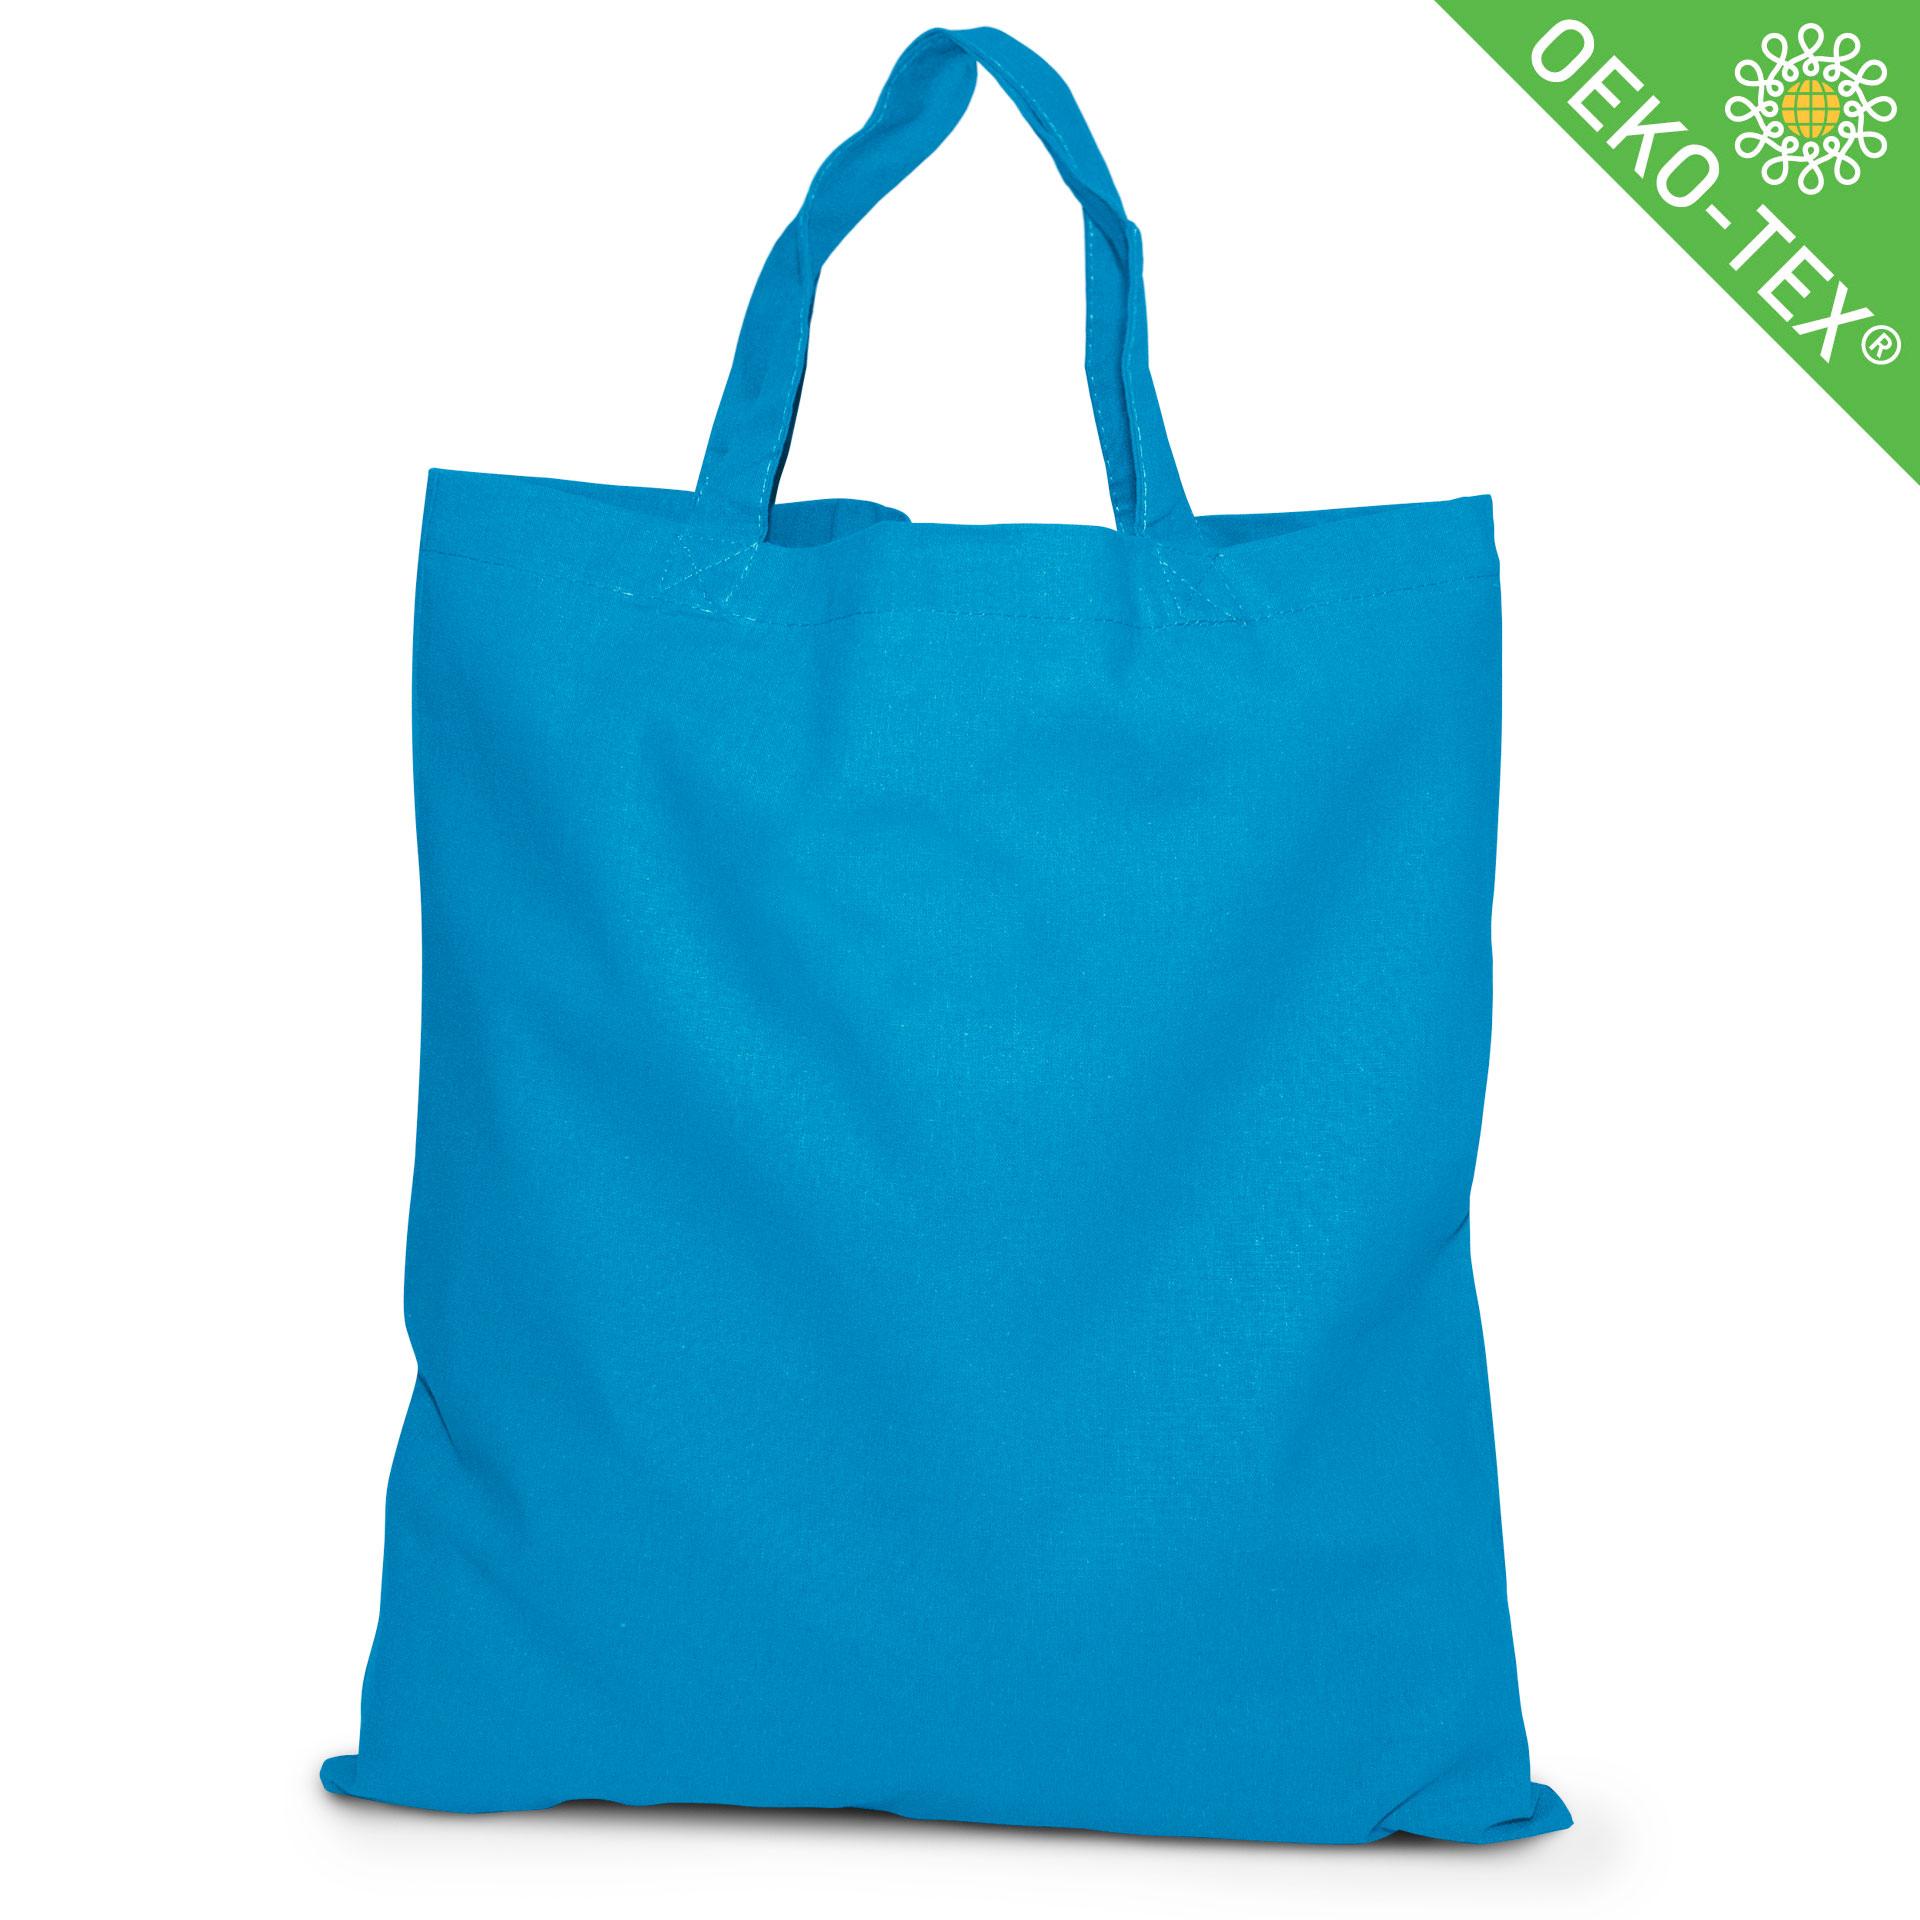 20 Kapstadt Baumwolltasche mit kurzen Henkeln, Farbe: cyanblau